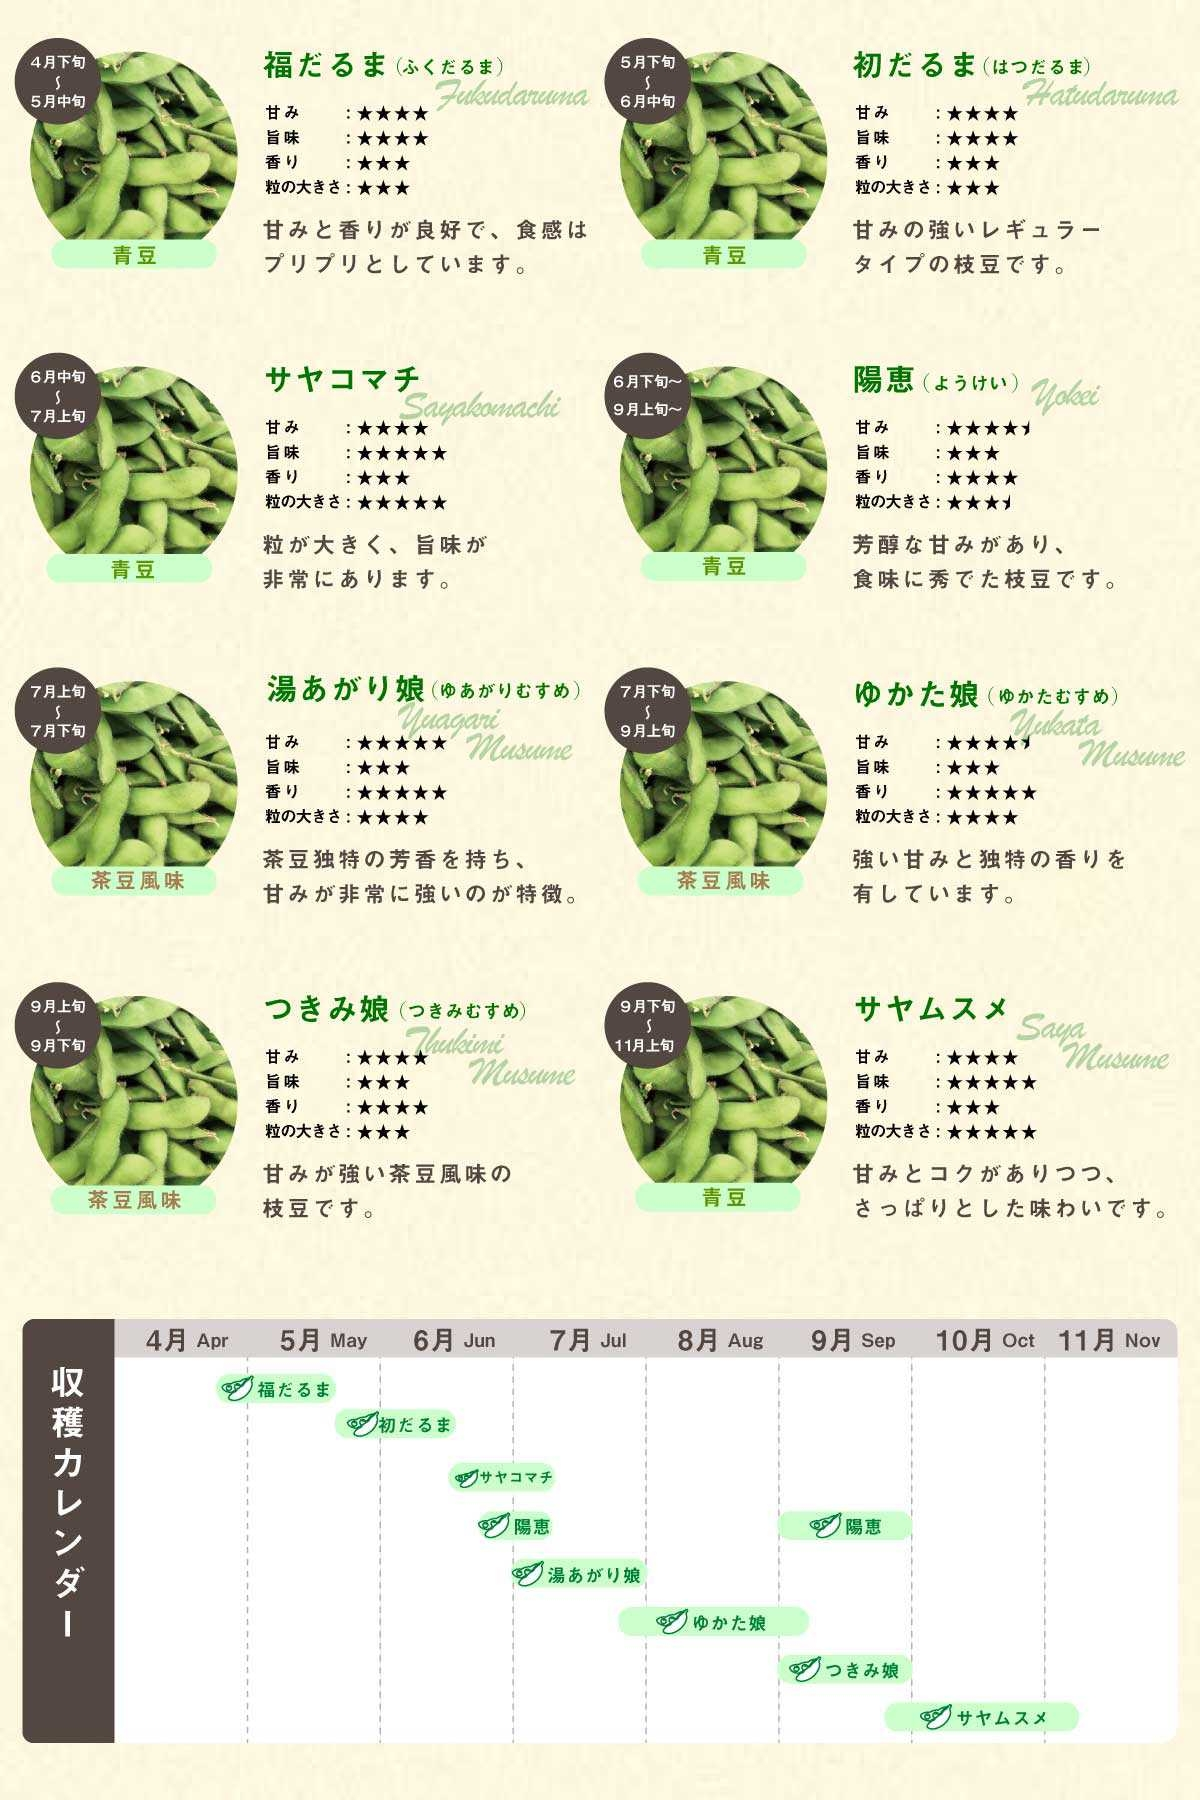 かまくら農園の枝豆通販品種一覧